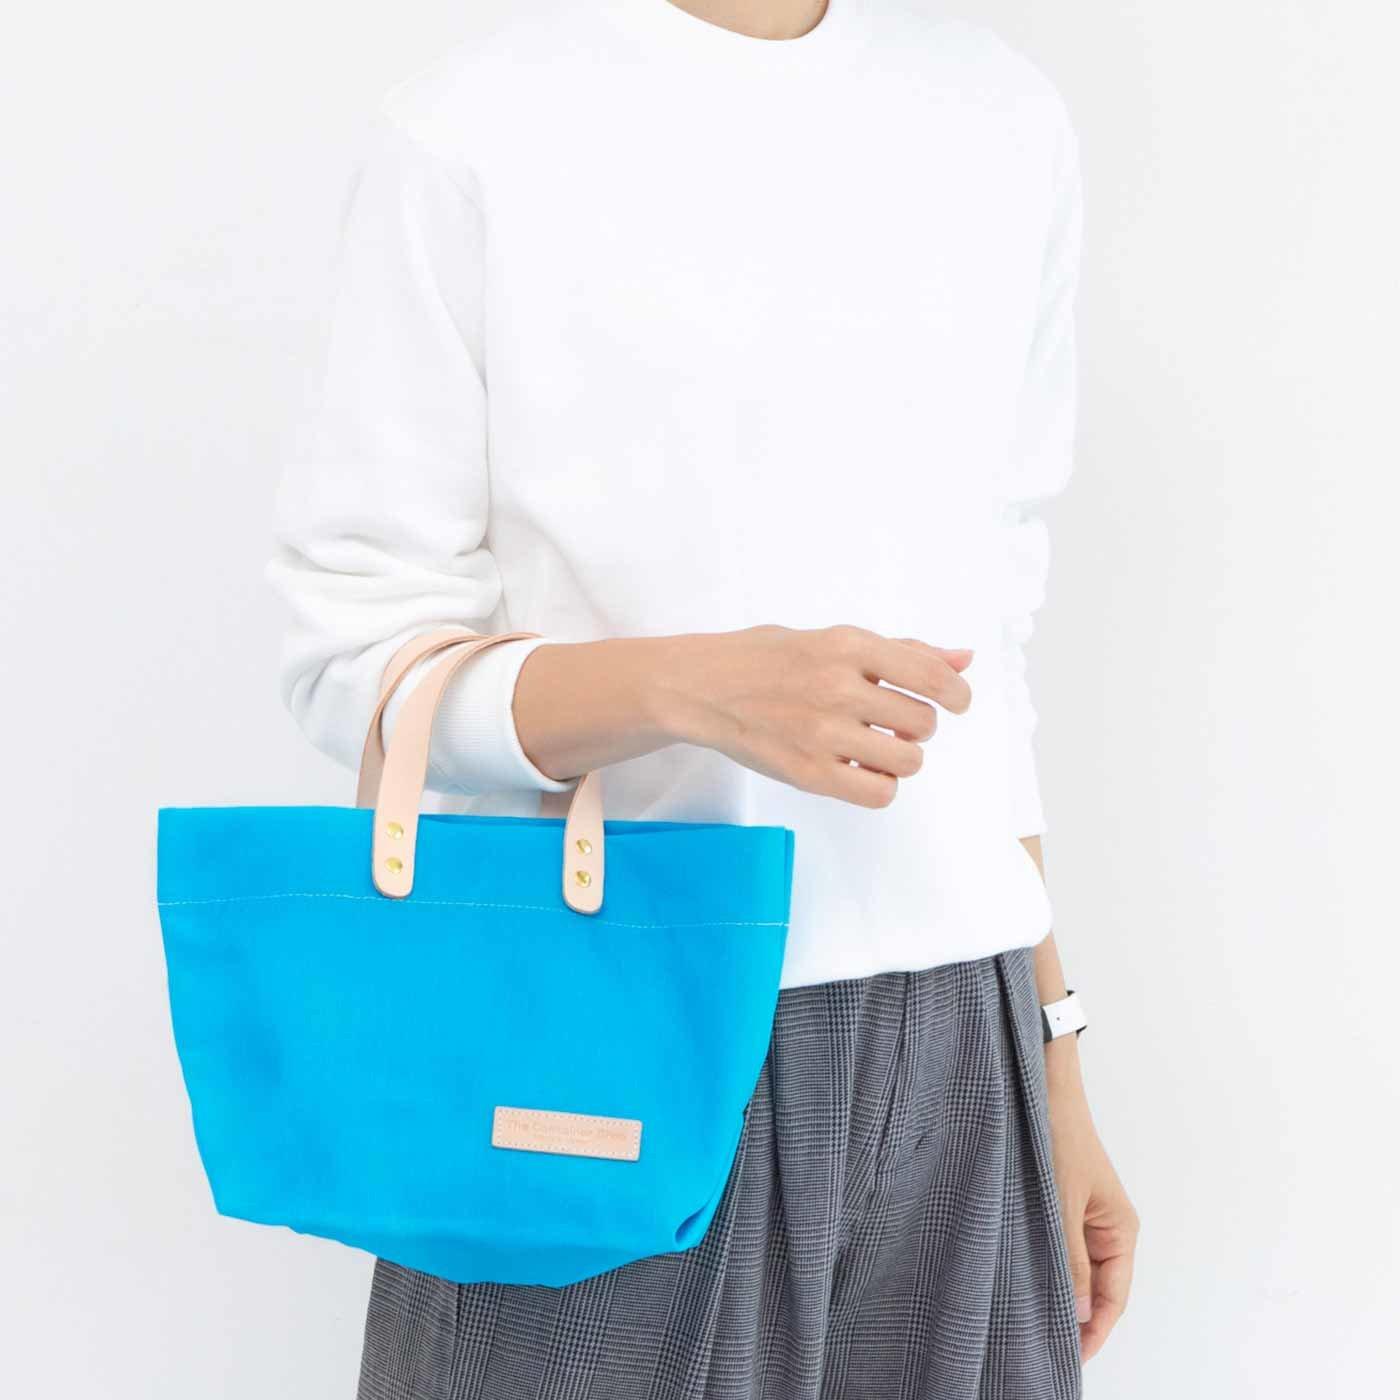 UP.de デイリーサイズがうれしい 日本製のカラー帆布 ショルダートートバッグ〈ネオンブルー〉